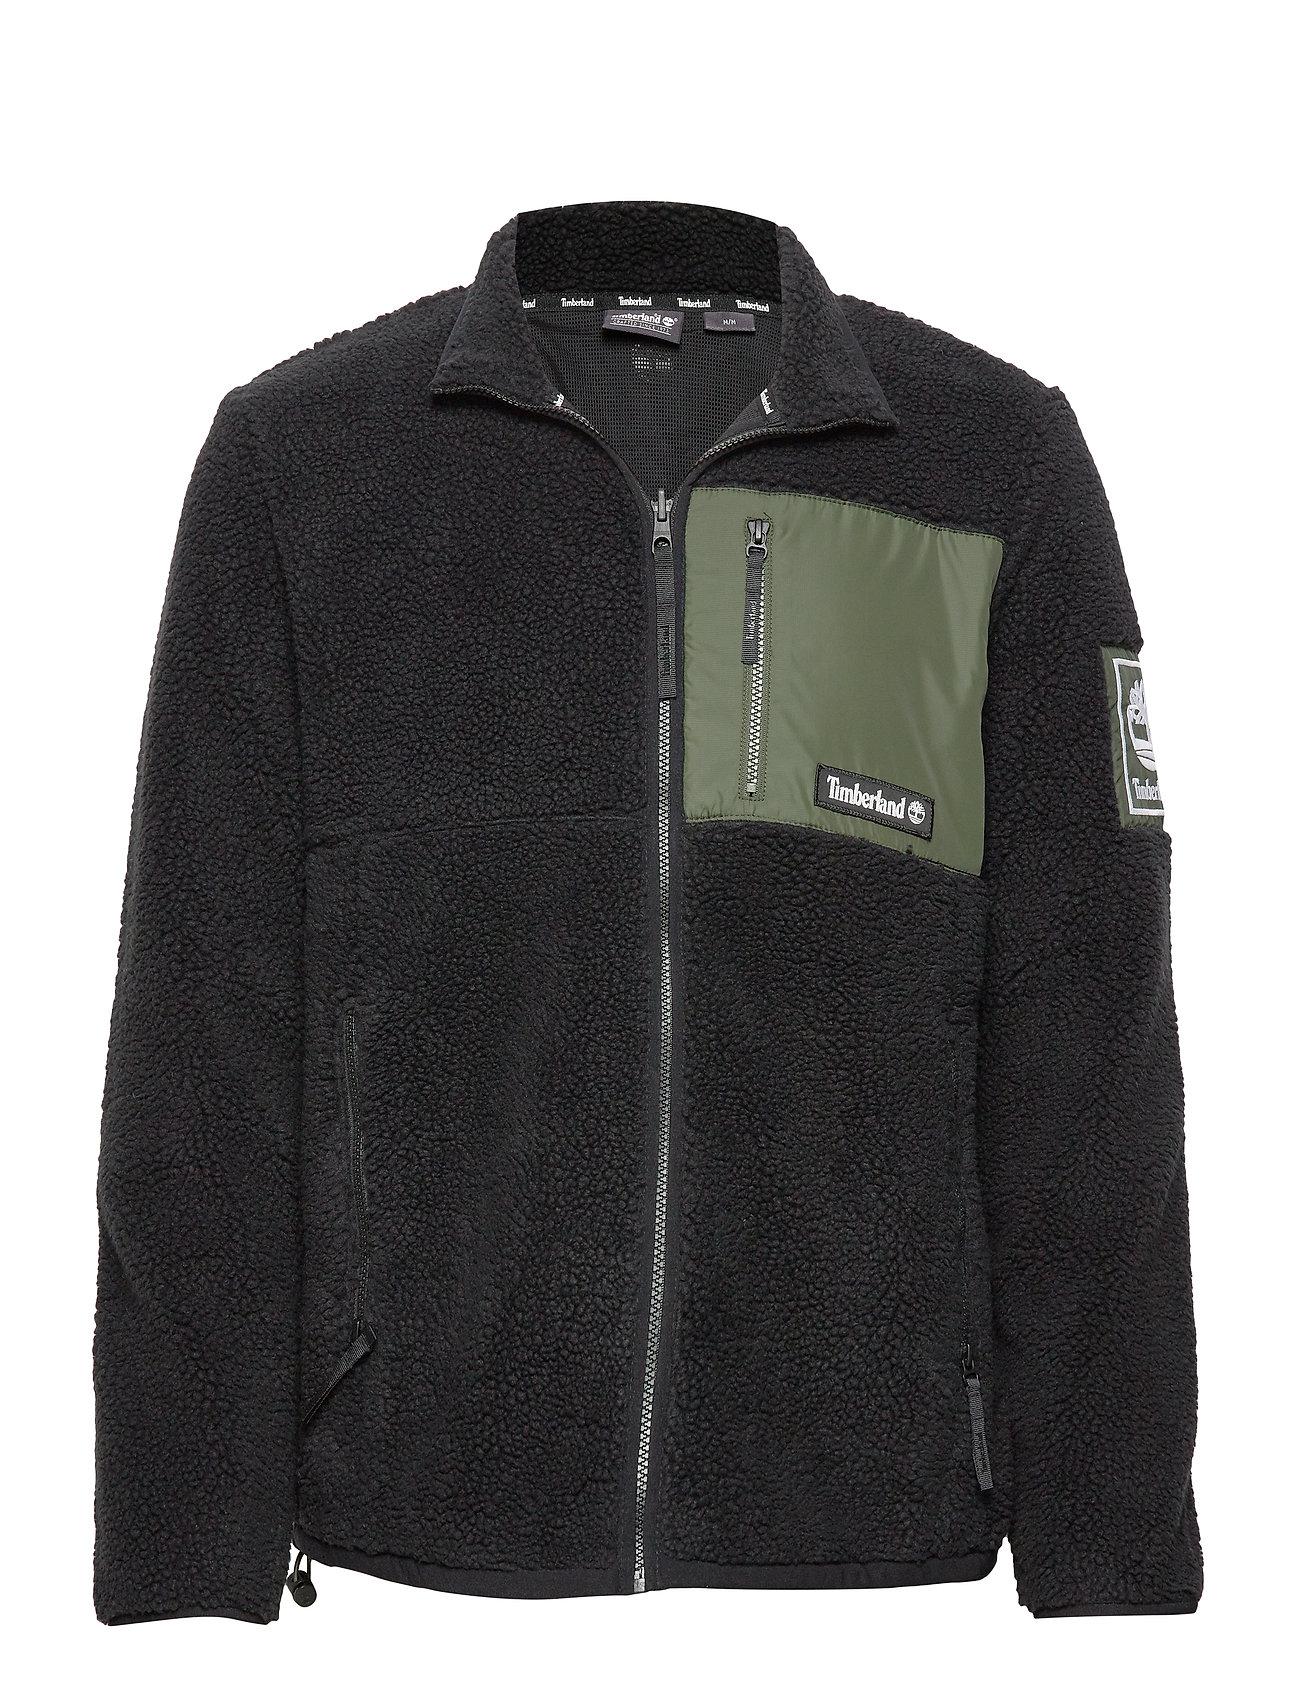 Timberland O-A sherpa fleece jkt - DUFFEL BAG